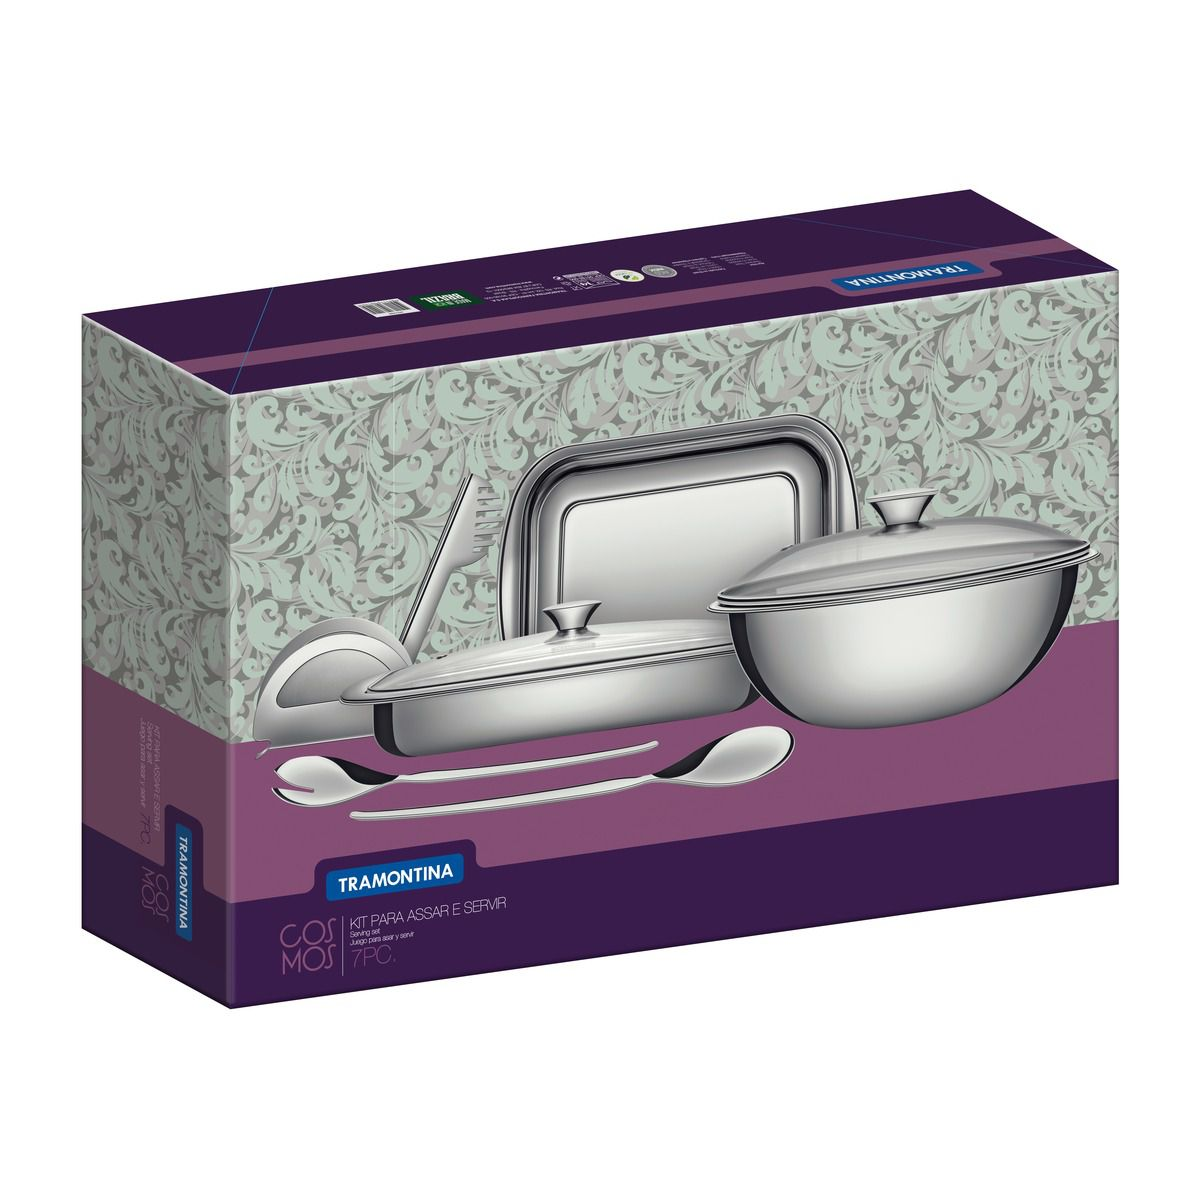 Kit Cozinha Aço Inox 7 Pç.